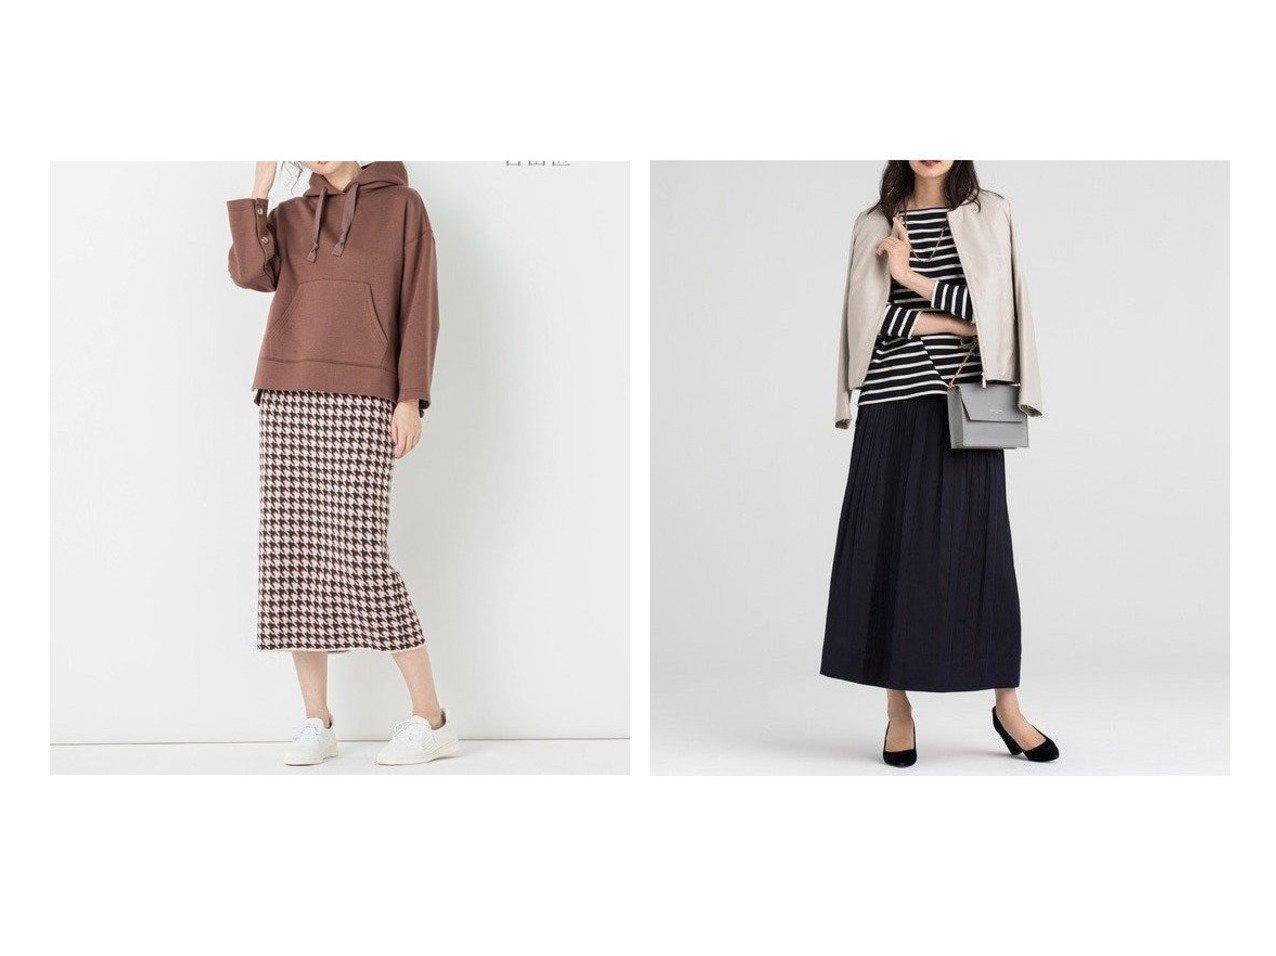 【JIYU-KU/自由区】の【Sサイズ有】AOBUN CUPRA ジャガードリバーシブルスカート&【UNFILO】HOUNDS TOOTH CHECK タイトスカート スカートのおすすめ!人気、レディースファッションの通販 おすすめで人気のファッション通販商品 インテリア・家具・キッズファッション・メンズファッション・レディースファッション・服の通販 founy(ファニー) https://founy.com/ ファッション Fashion レディース WOMEN スカート Skirt 秋 グラフィック 抗菌 スリット タイトスカート フィット キュプラ シャンブレー シャーリング 雑誌 チェック トレンド ドレープ プリーツ ミドル 無地 ランダム リバーシブル  ID:crp329100000005312